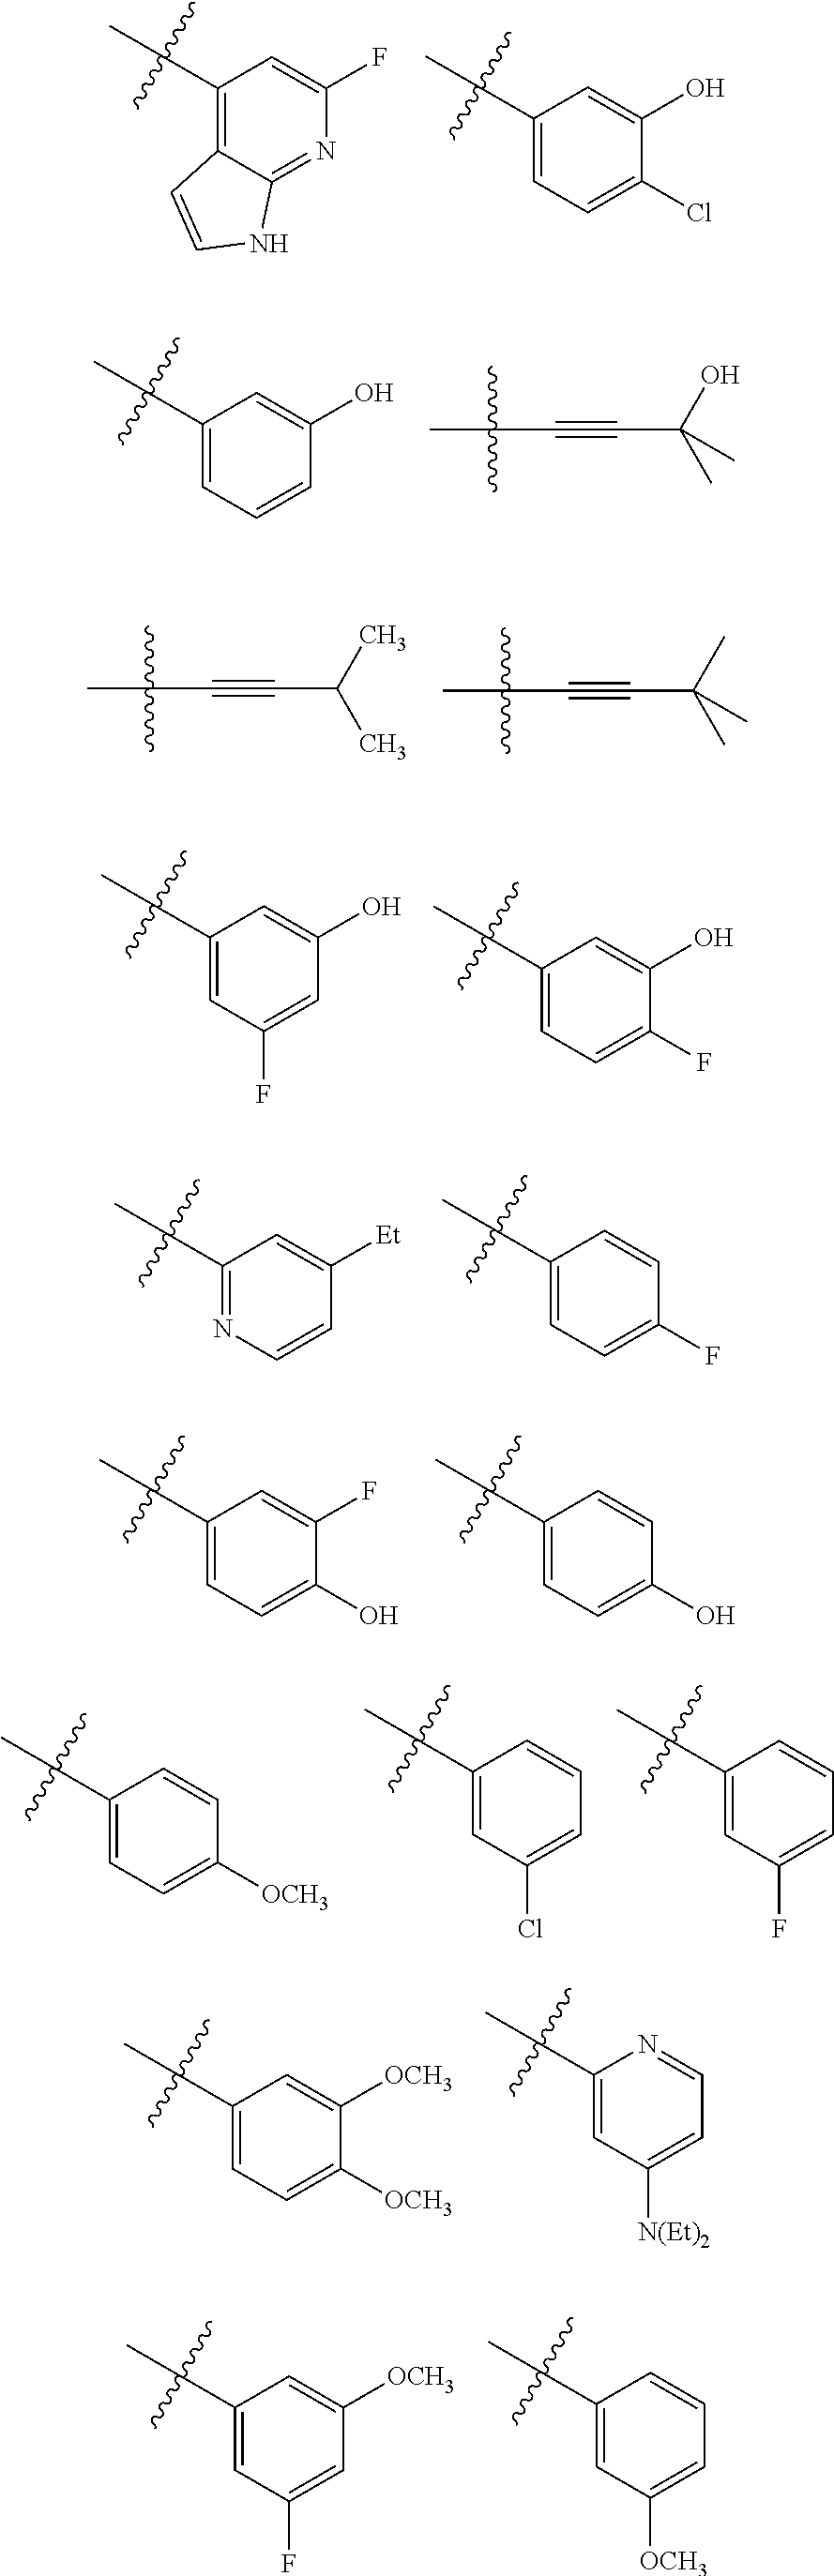 Figure US20110046165A1-20110224-C00043